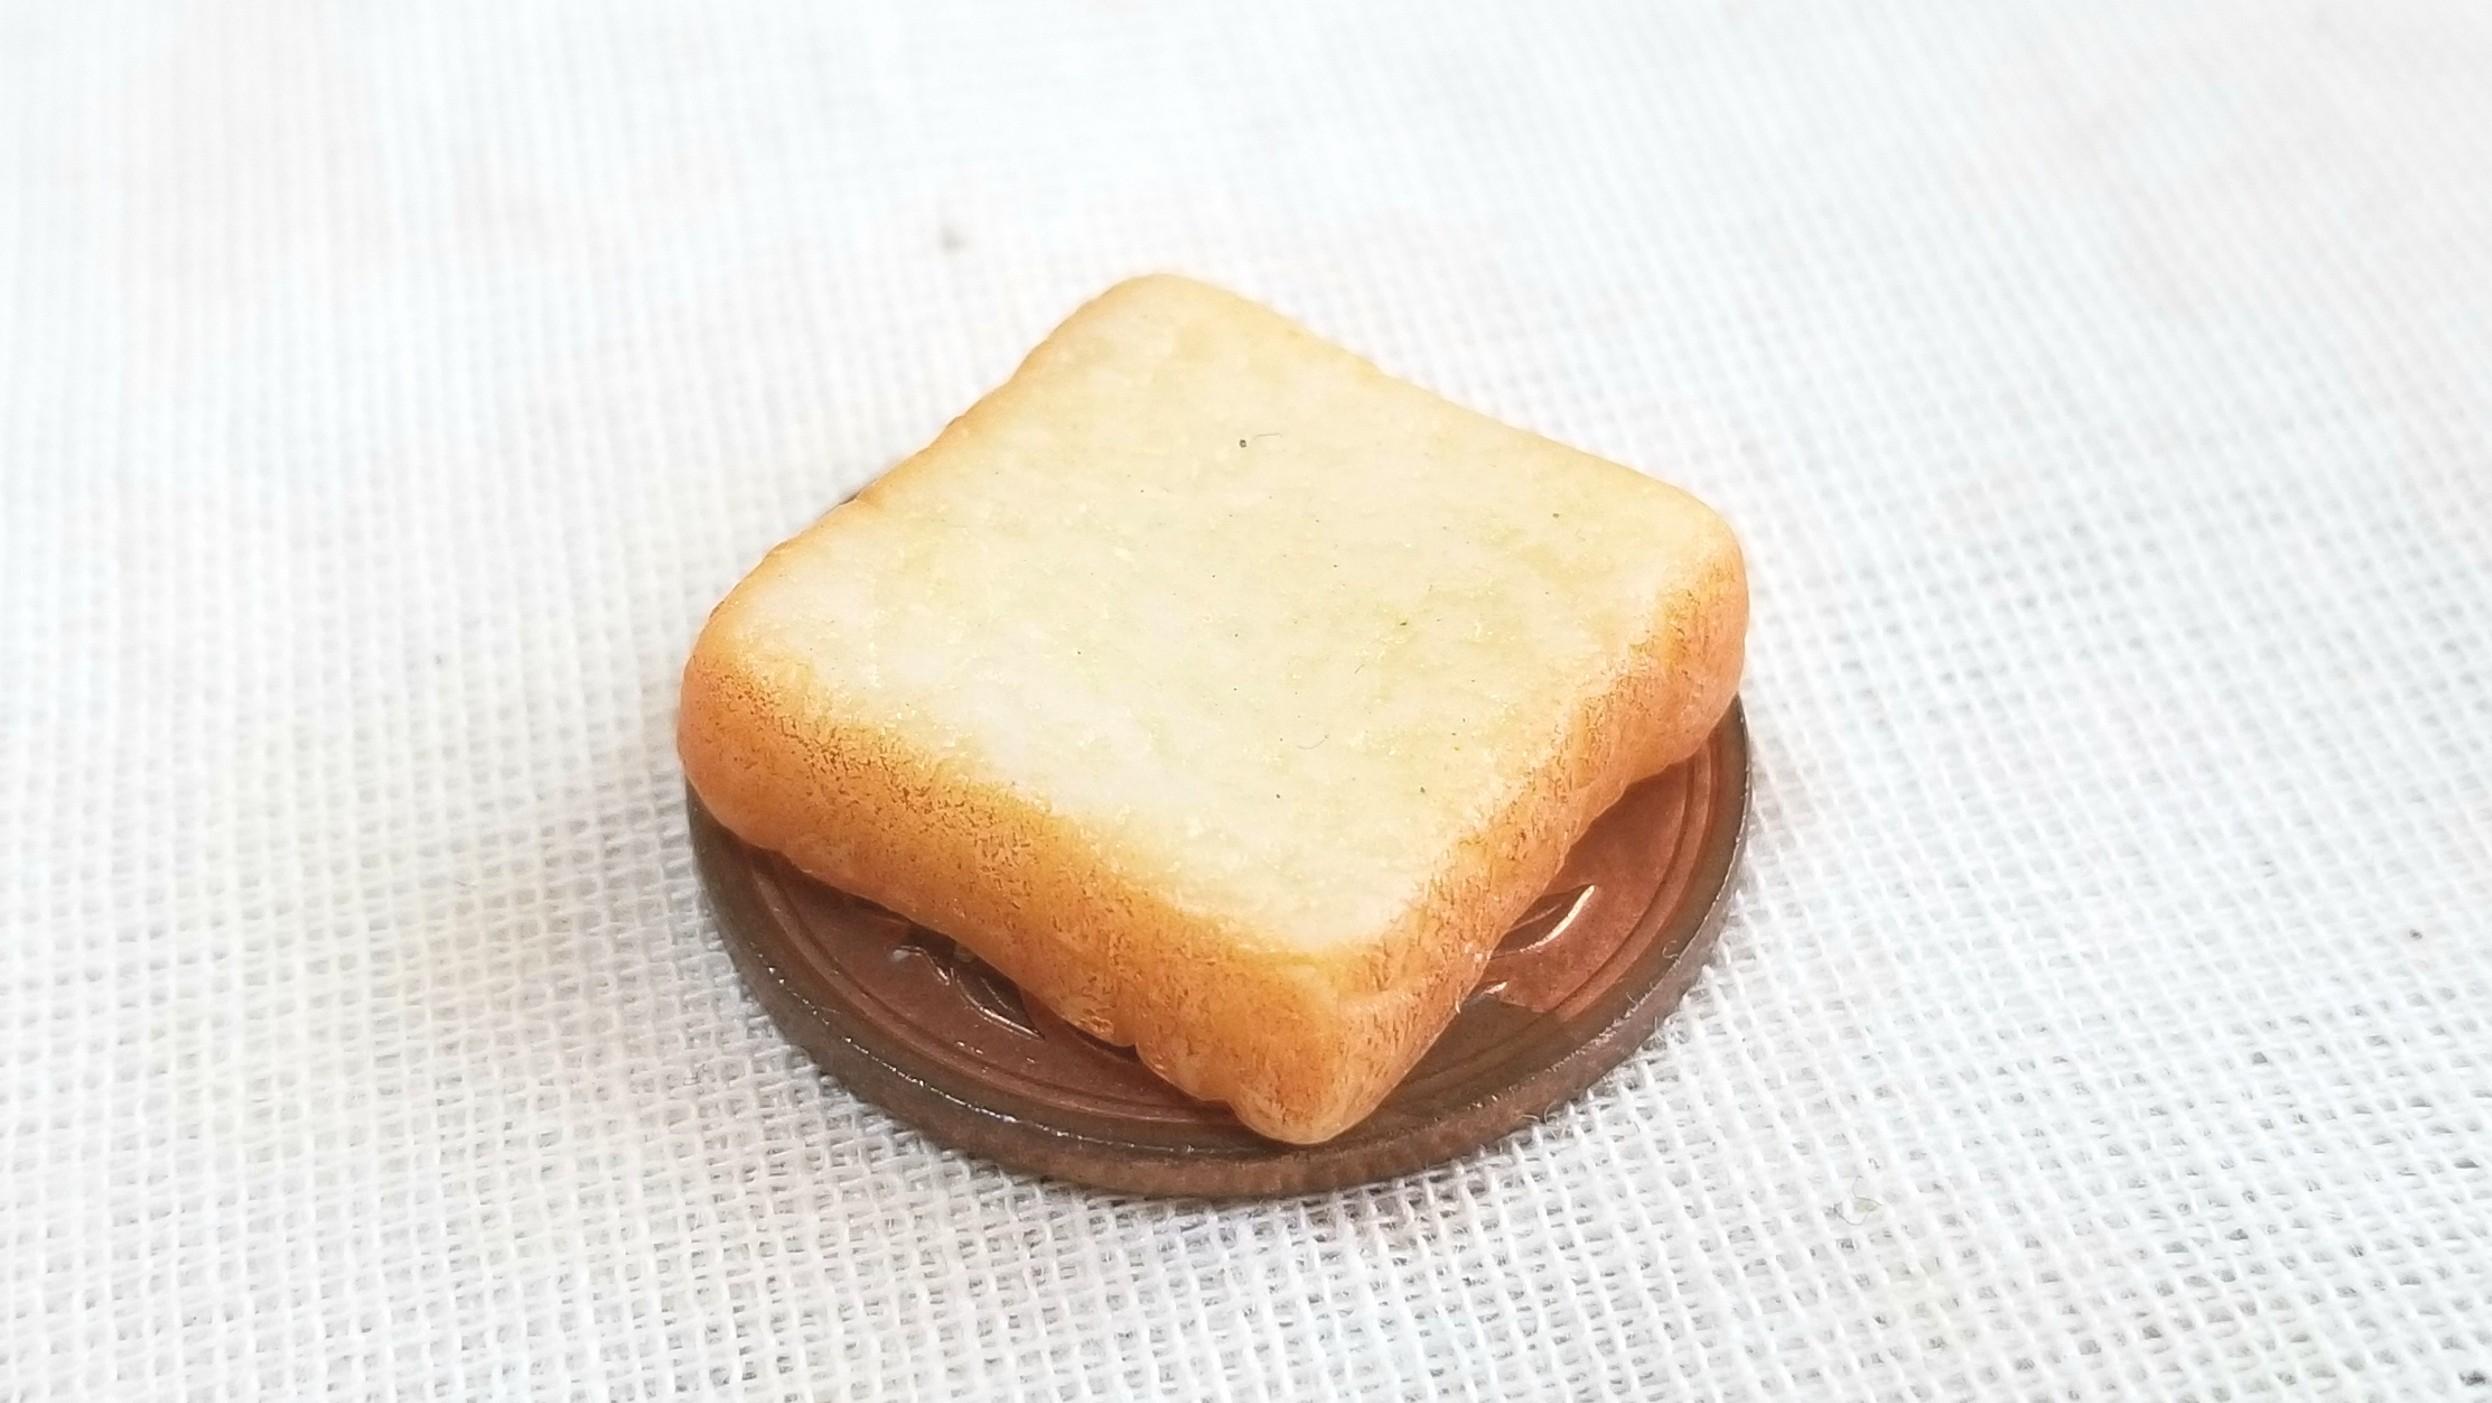 ミニチュア食パン,トースト,ミンネで販売中,樹脂粘土,ドール用小物